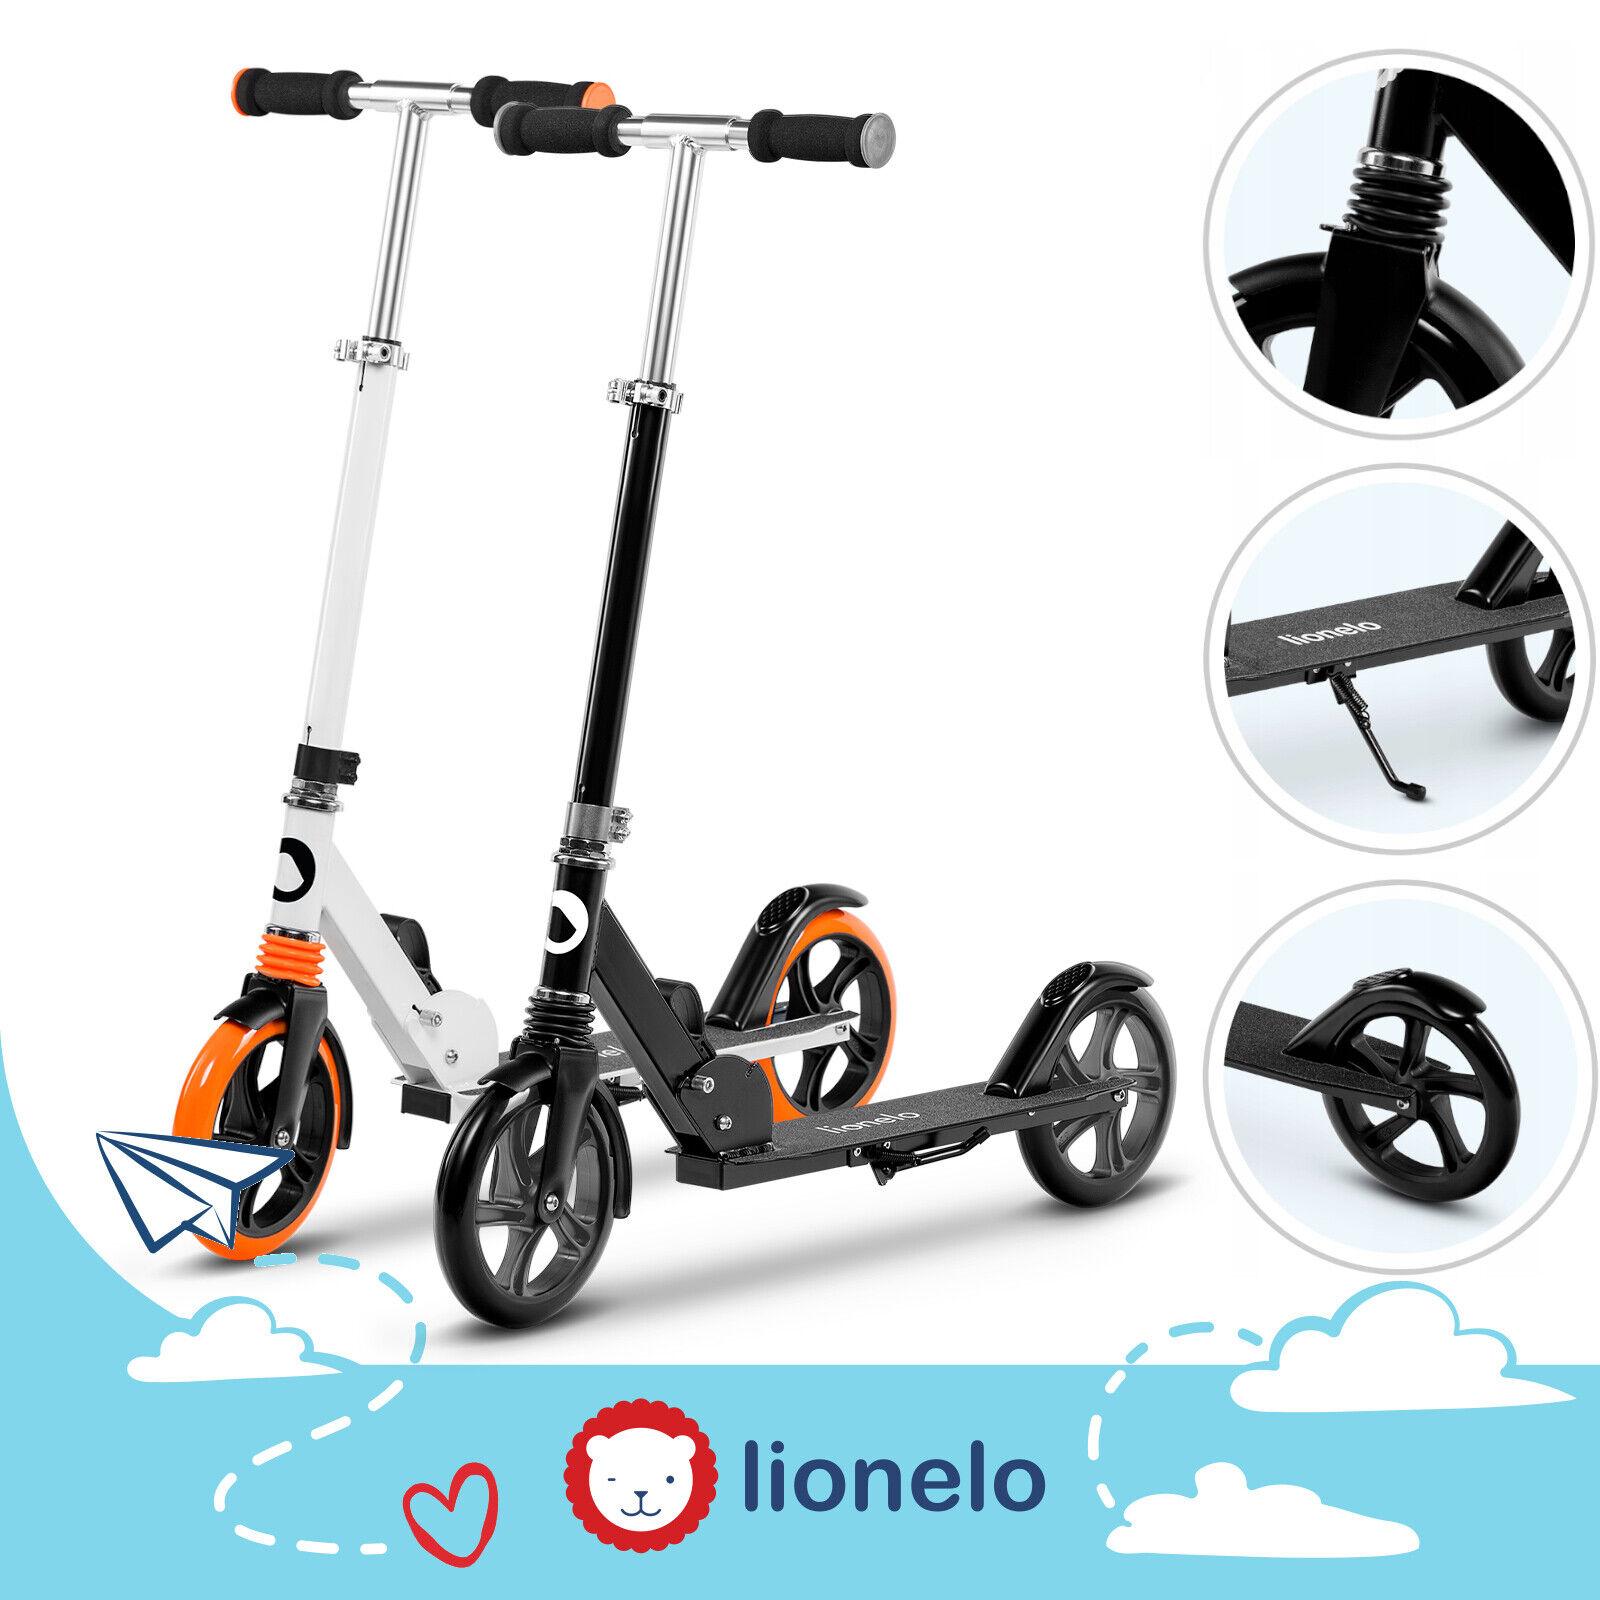 Lionelo Luca Scooter Roller Kinderroller Cityroller Tretroller Kickroller Alu